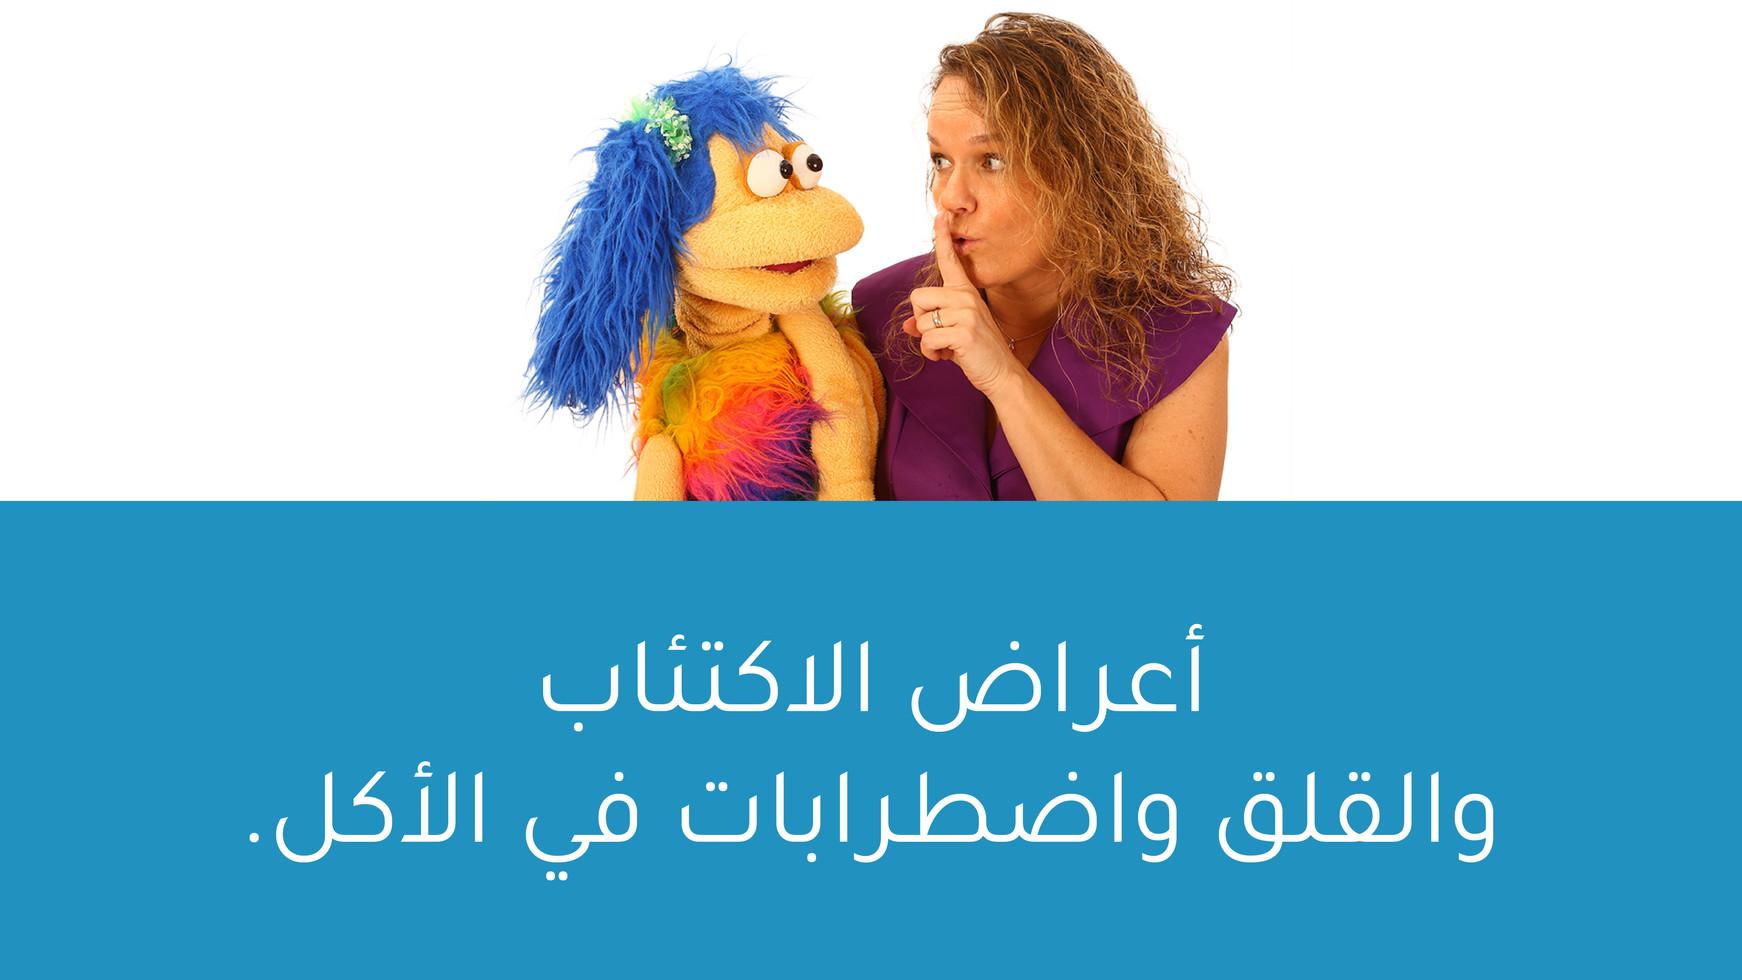 10-أعراض الاكتئاب والقلق واضطرابات في ال